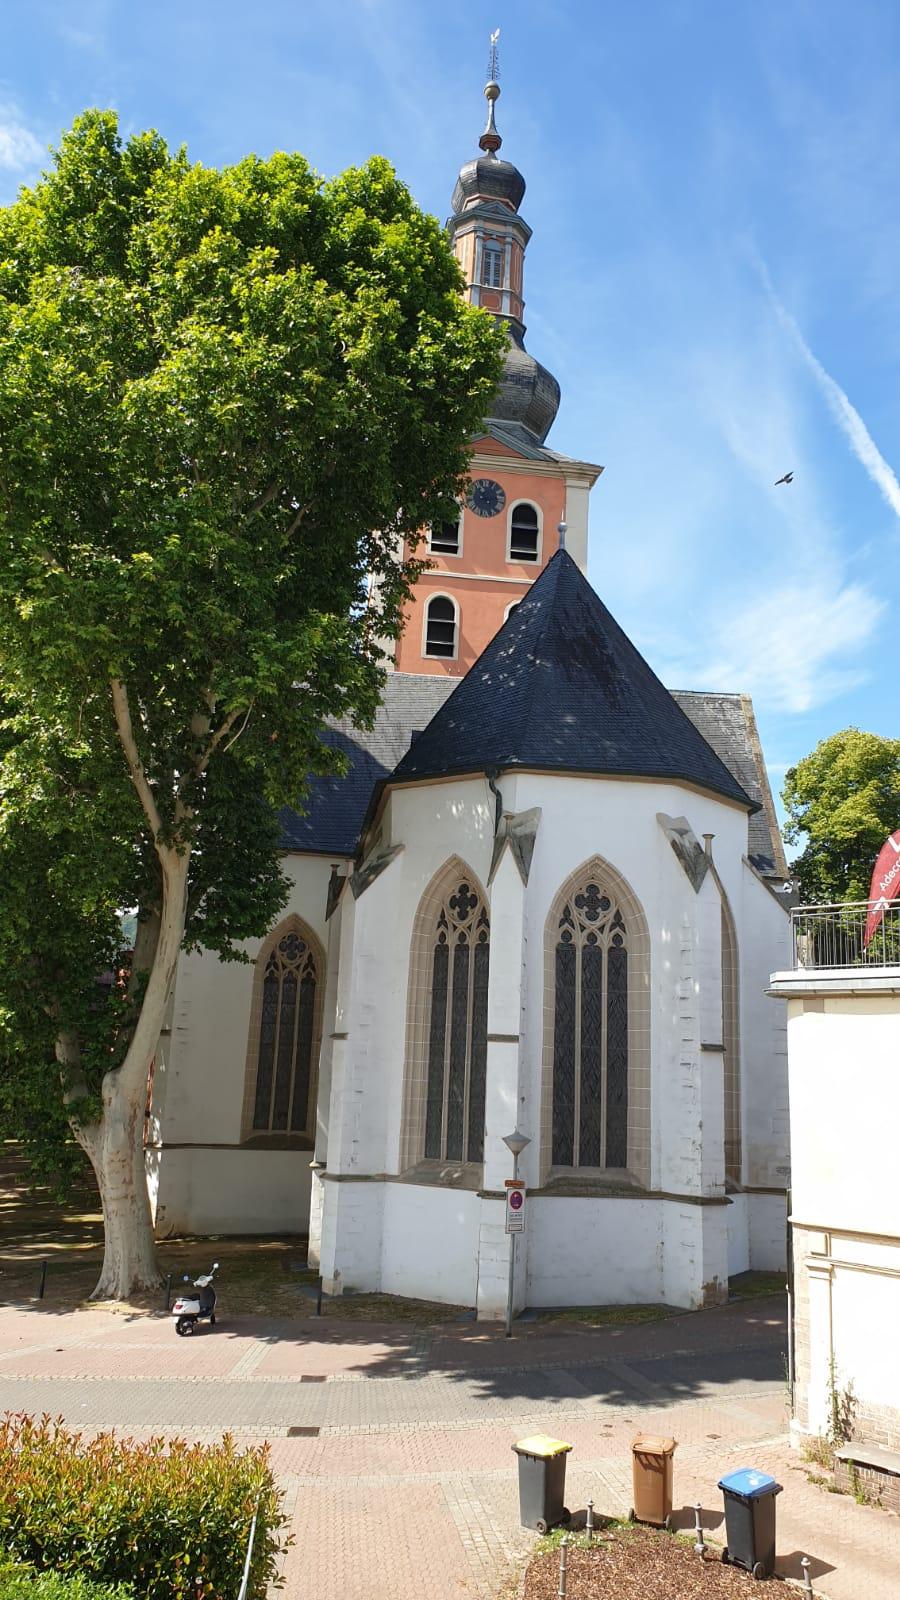 Die Pauluskirche in Bad Kreuznach mit etwa 1200 Sitzplätzen